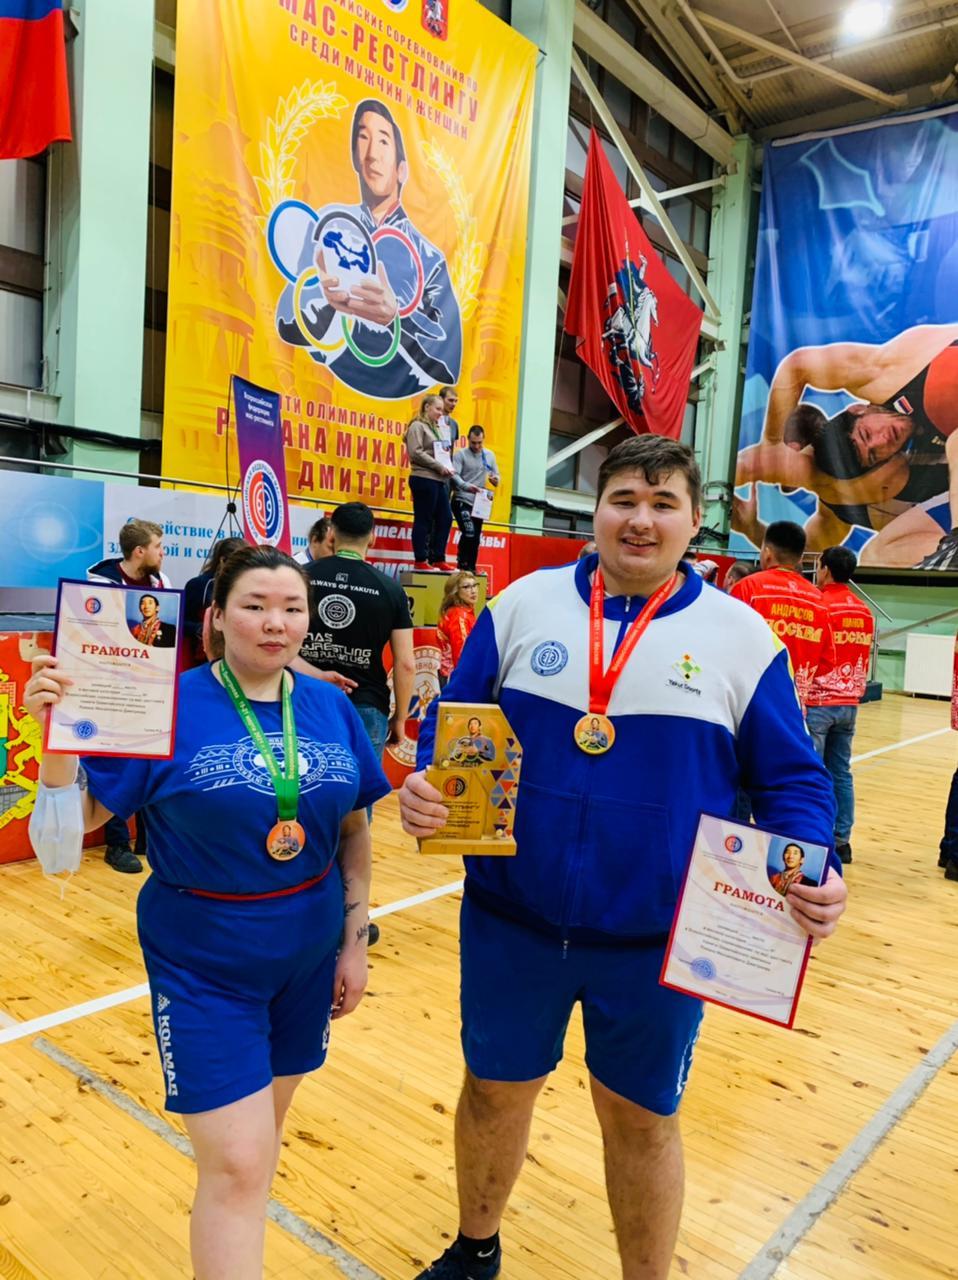 Студенты АГАТУ стали победителями Всероссийских соревнований памяти Олимпийского чемпиона Романа Дмитриева